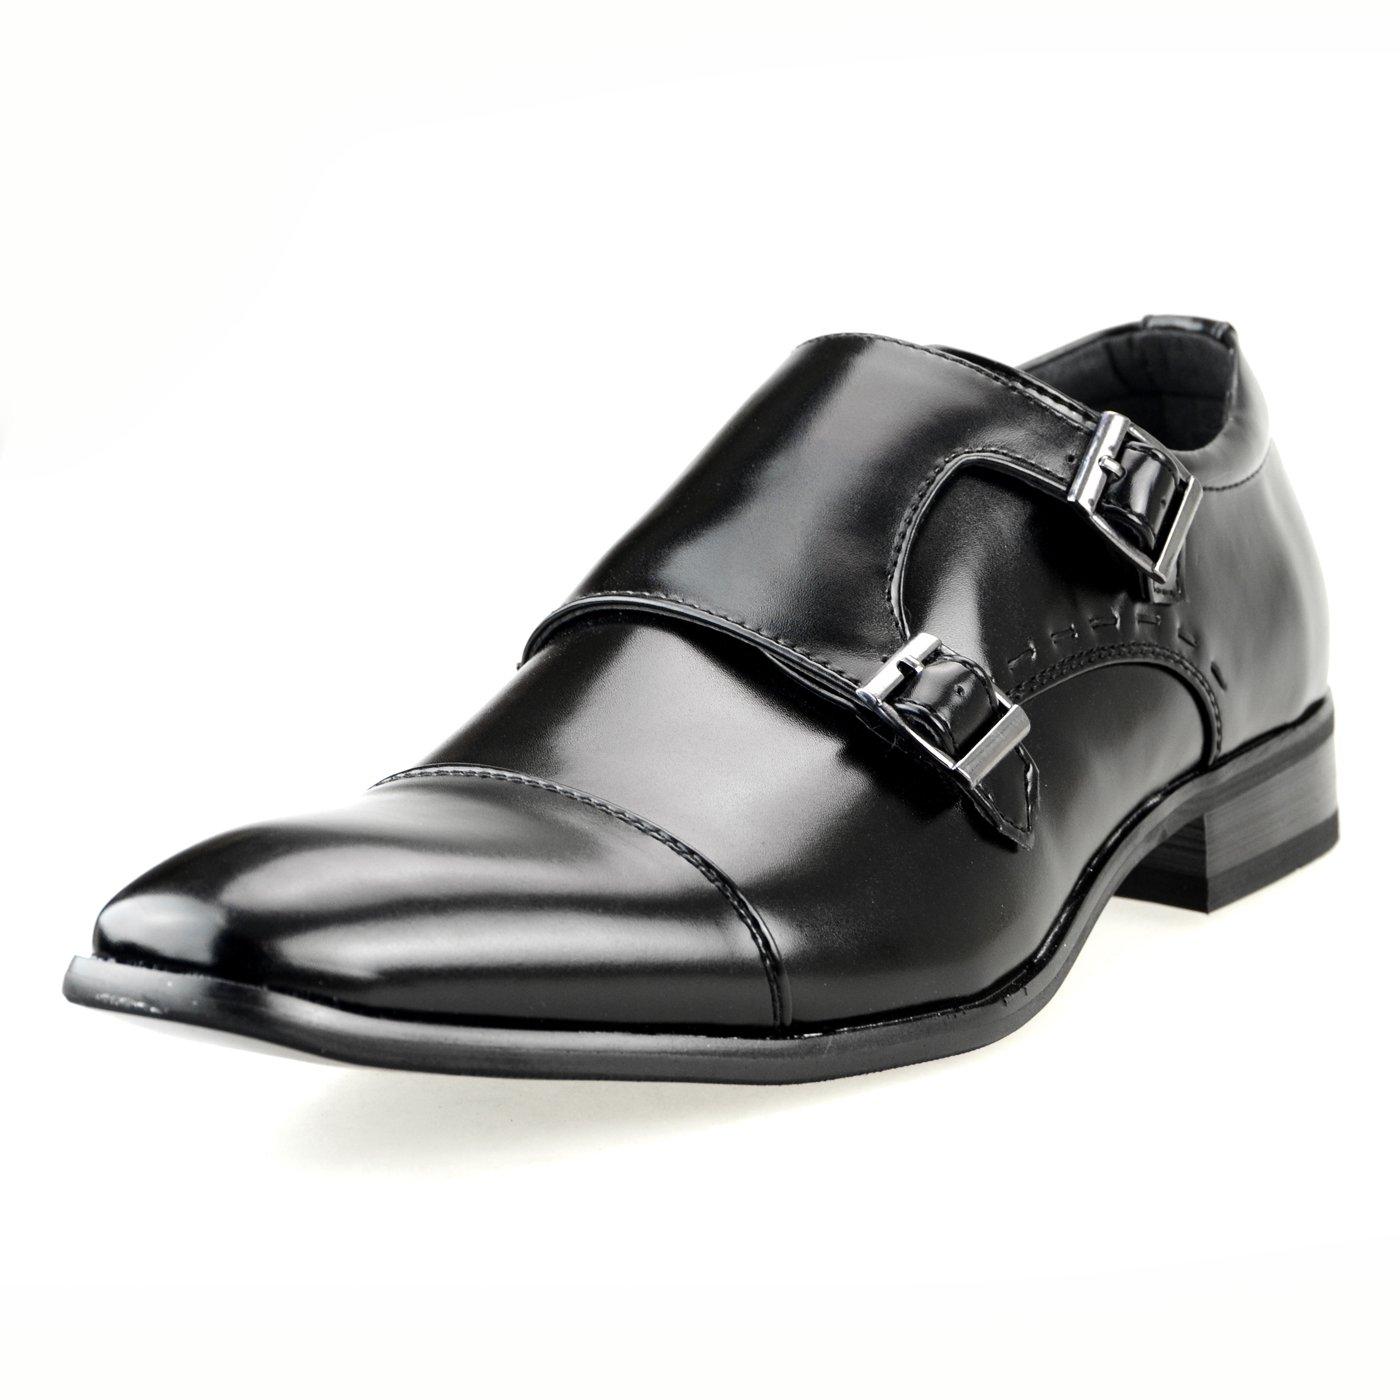 MM/ONE Mens Shoes Slipon Dress Shoes Oxford Laceup Shoes Gift Shoes Black 45 EU (US Men's 11 M)